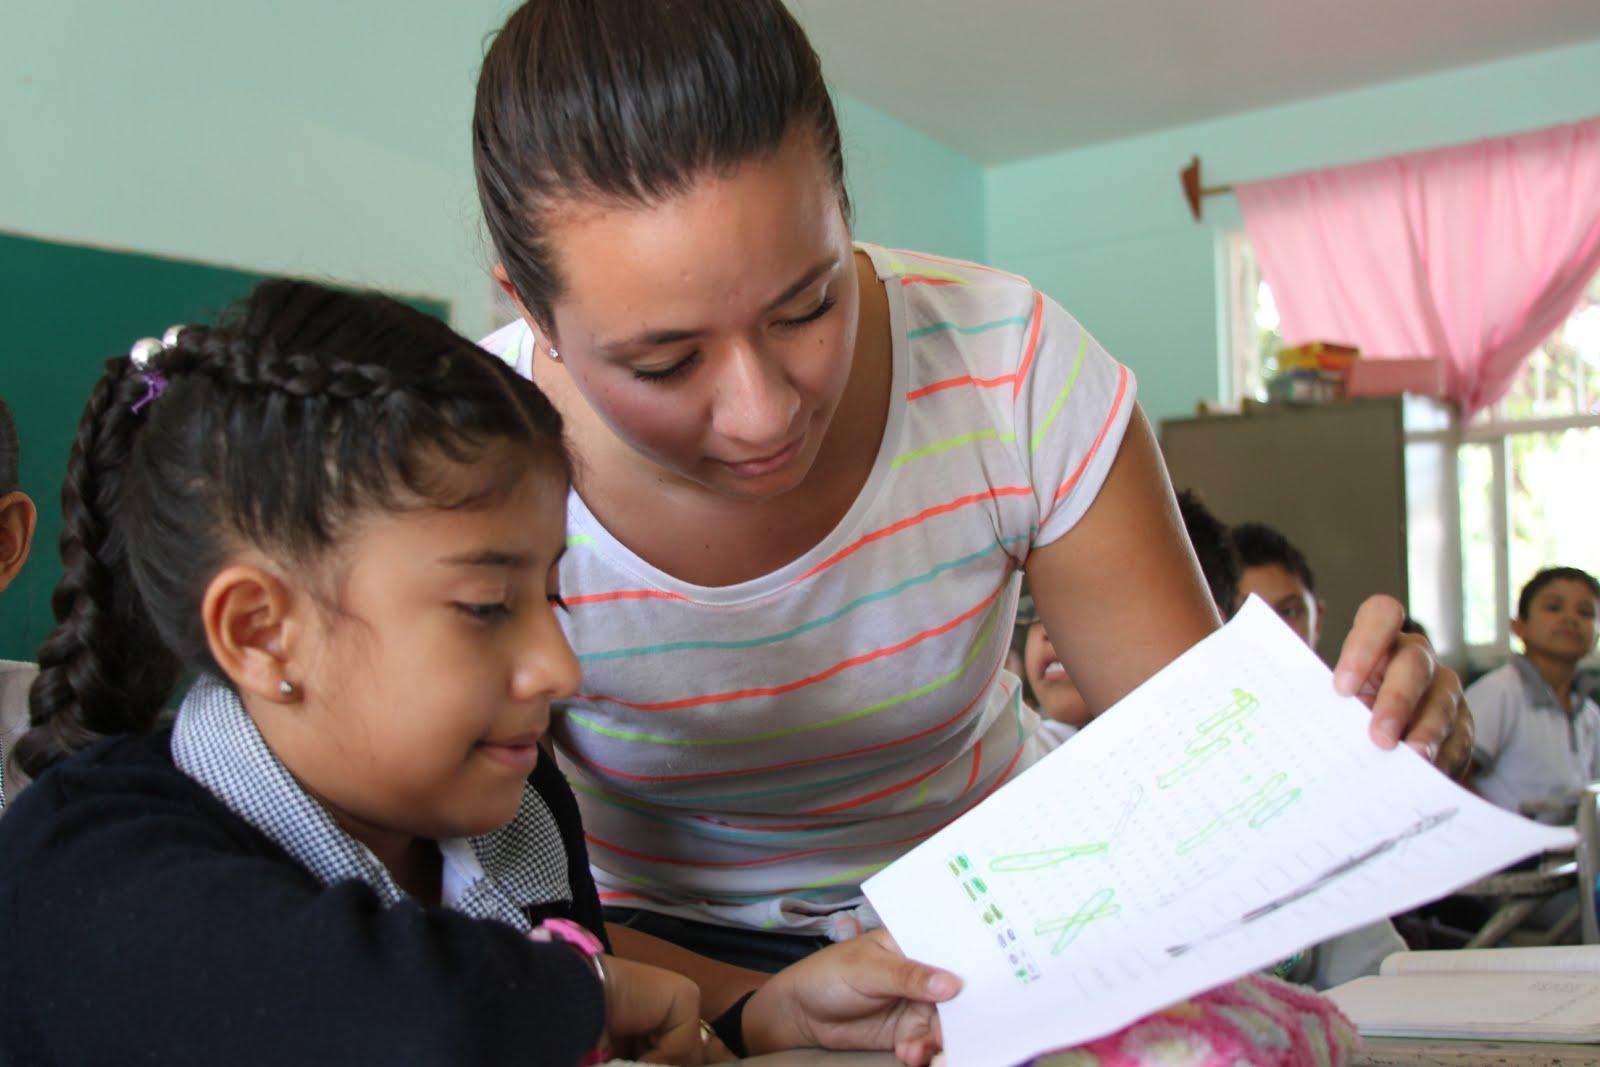 Sigue abierta la convocatoria para contratar maestros de for Convocatoria de maestros